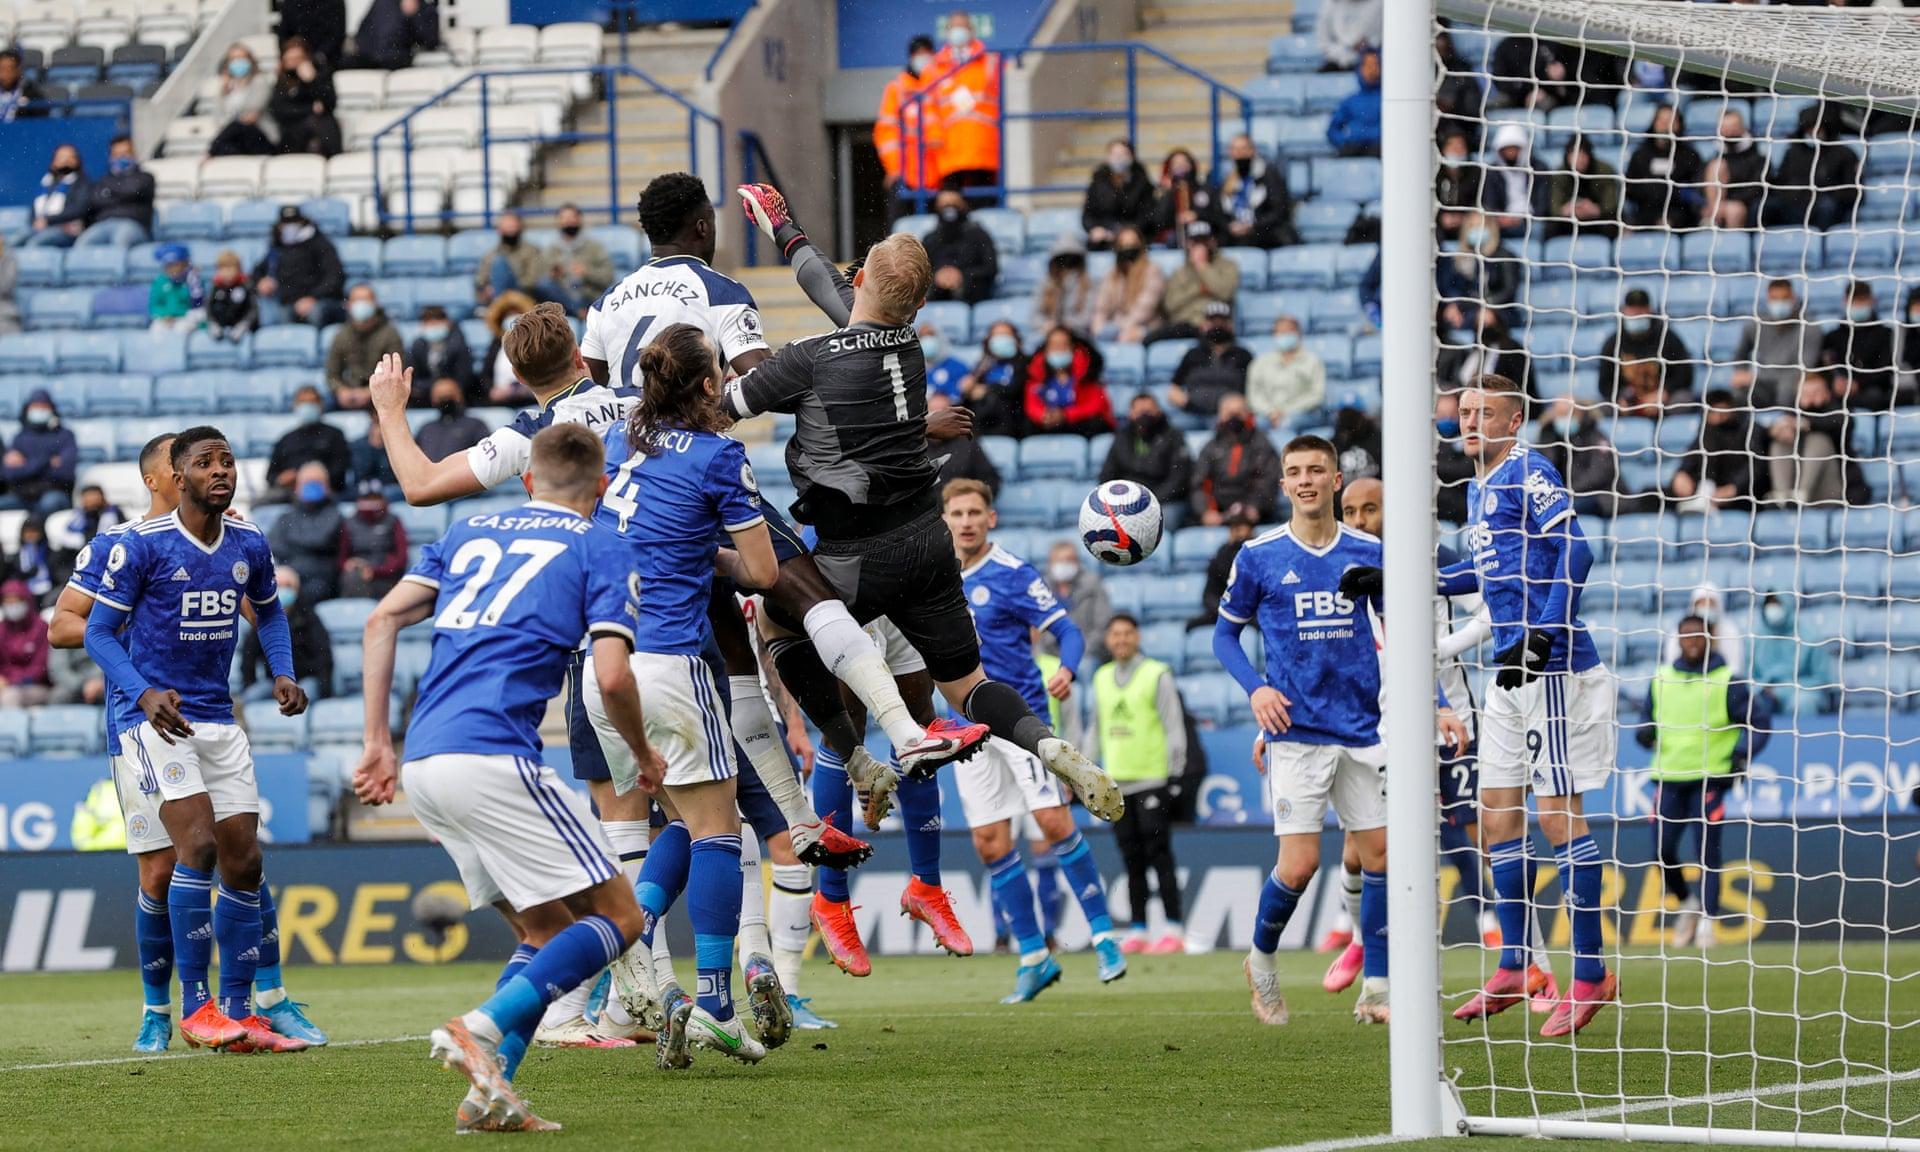 Kiper Schmeichel membuat gol bunuh diri, menyebabkan Leicester terpeleset ke Liga Champions musim depan.  Foto: Guardian